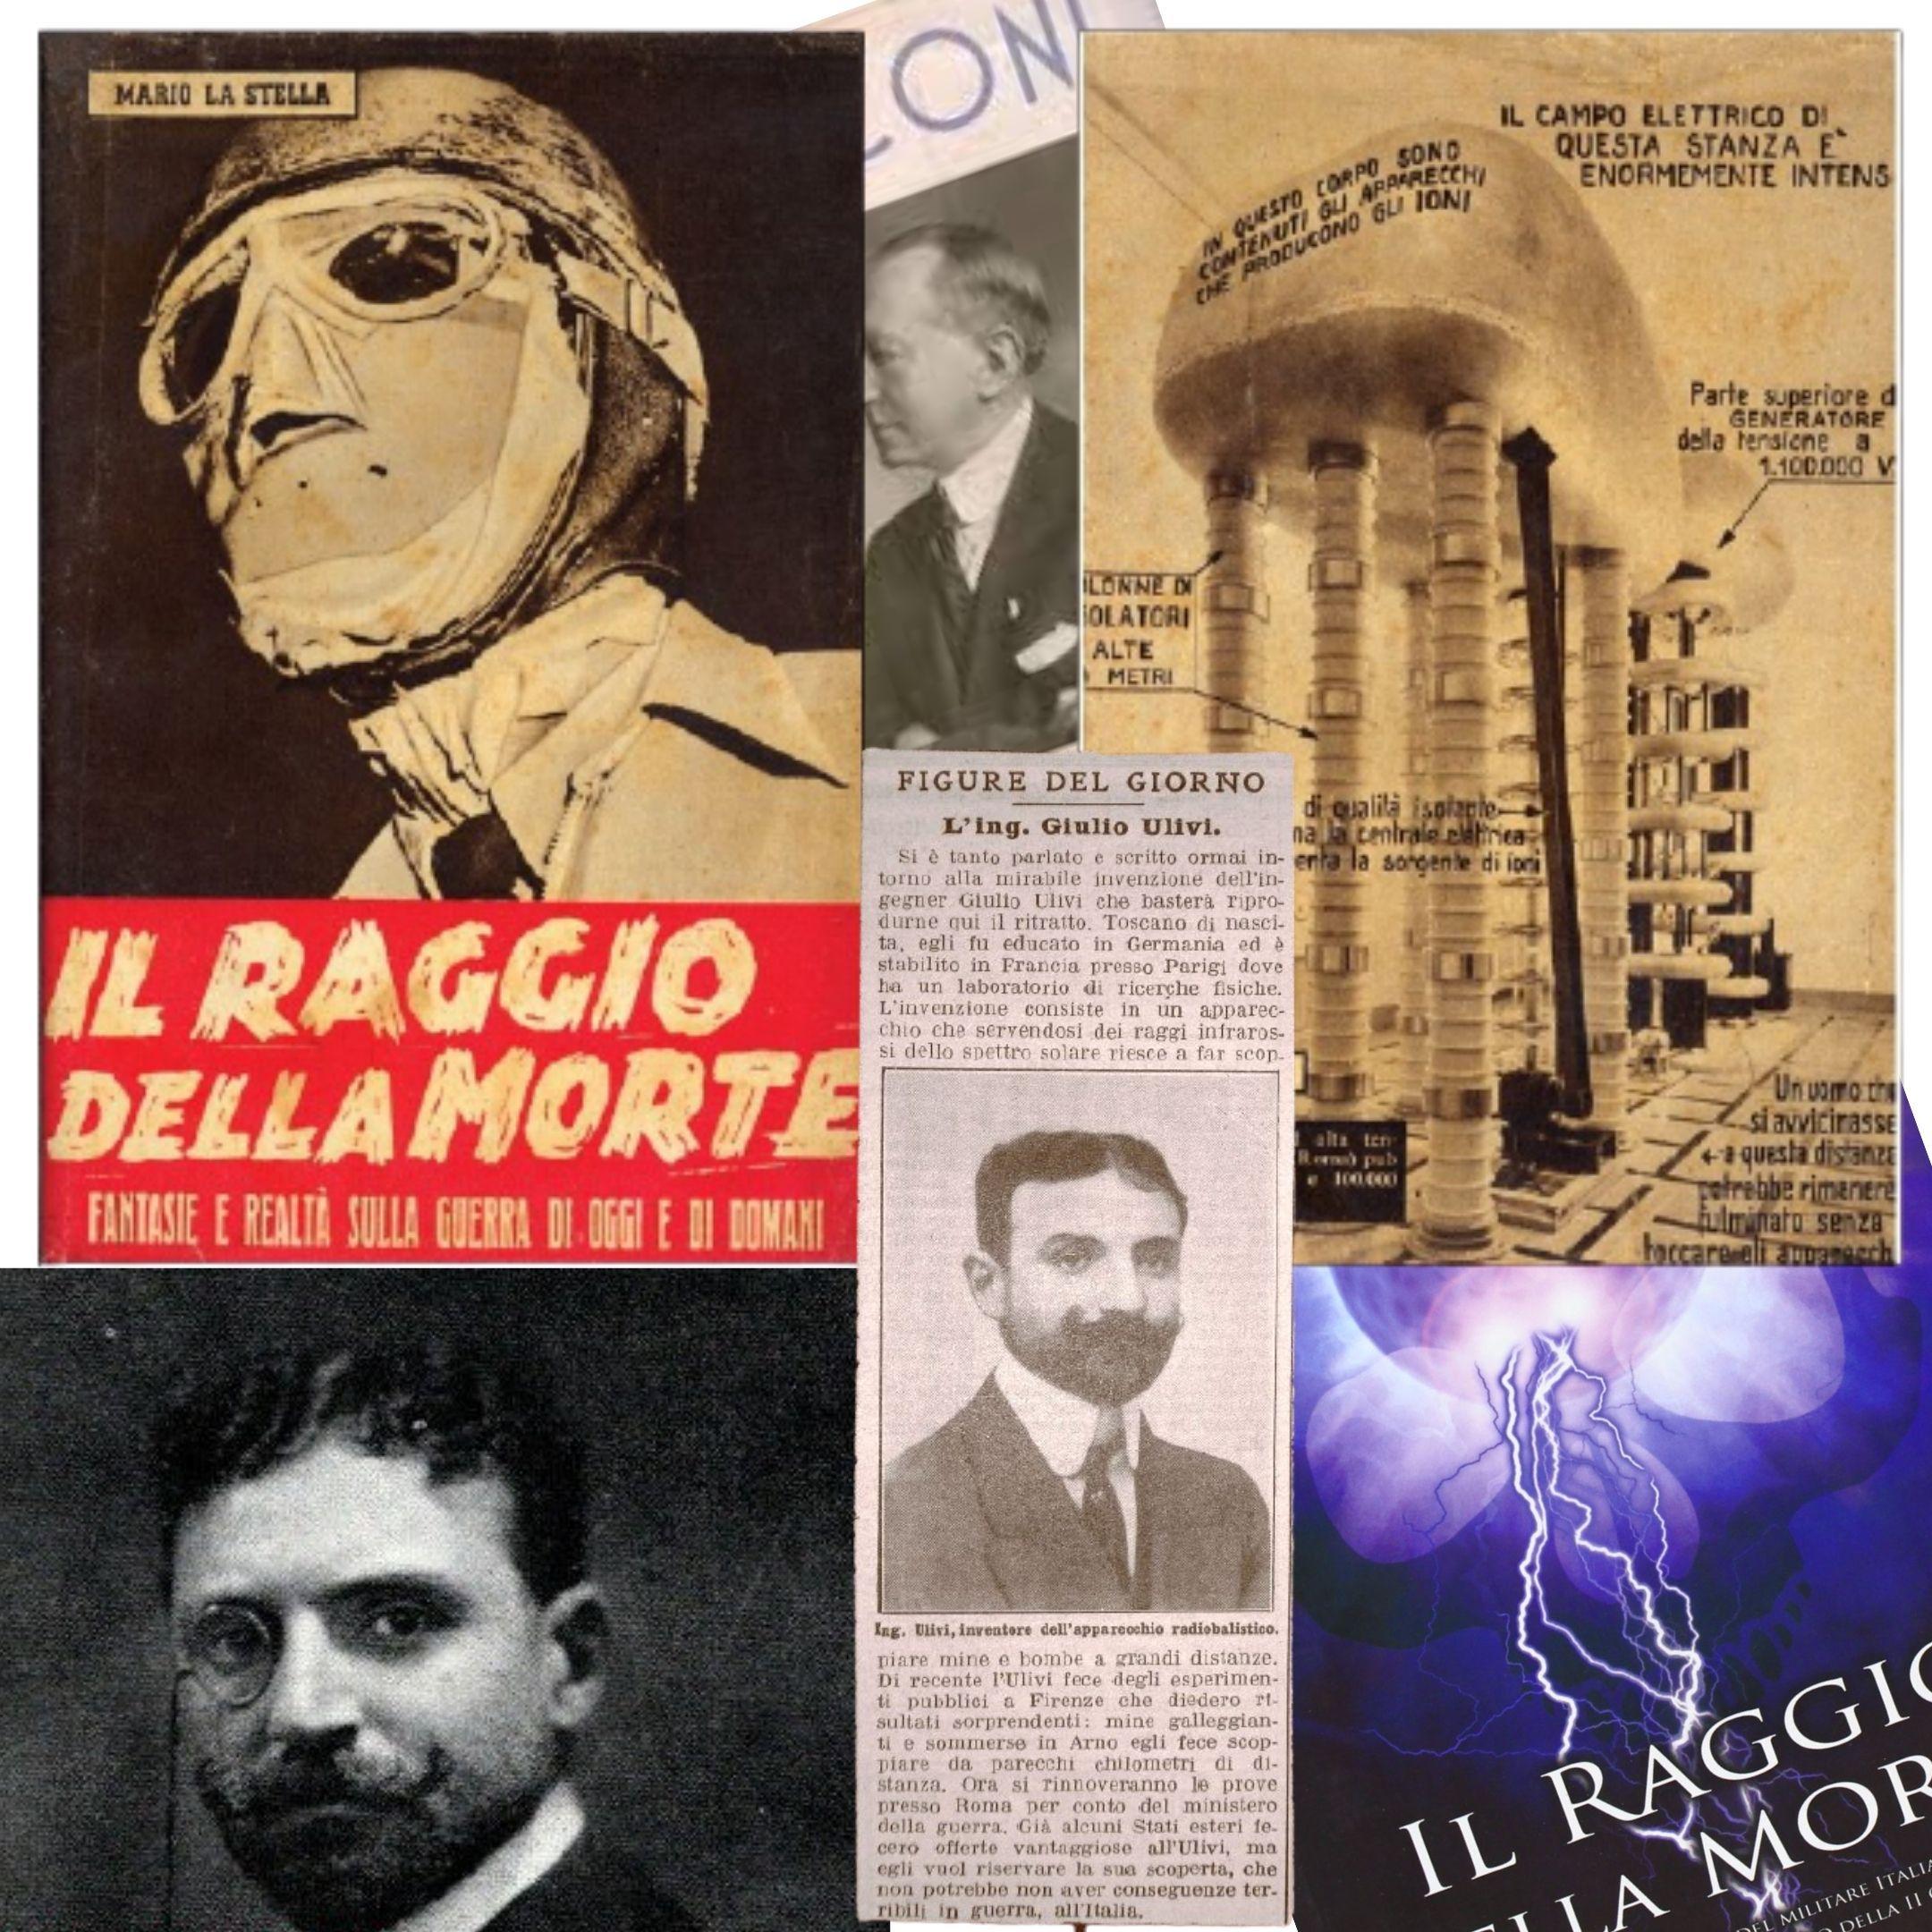 """In margine al """"raggio della morte"""" di Giulio Ulivi: quando dei ritagli di giornale si rivelano più preziosi di un libro"""